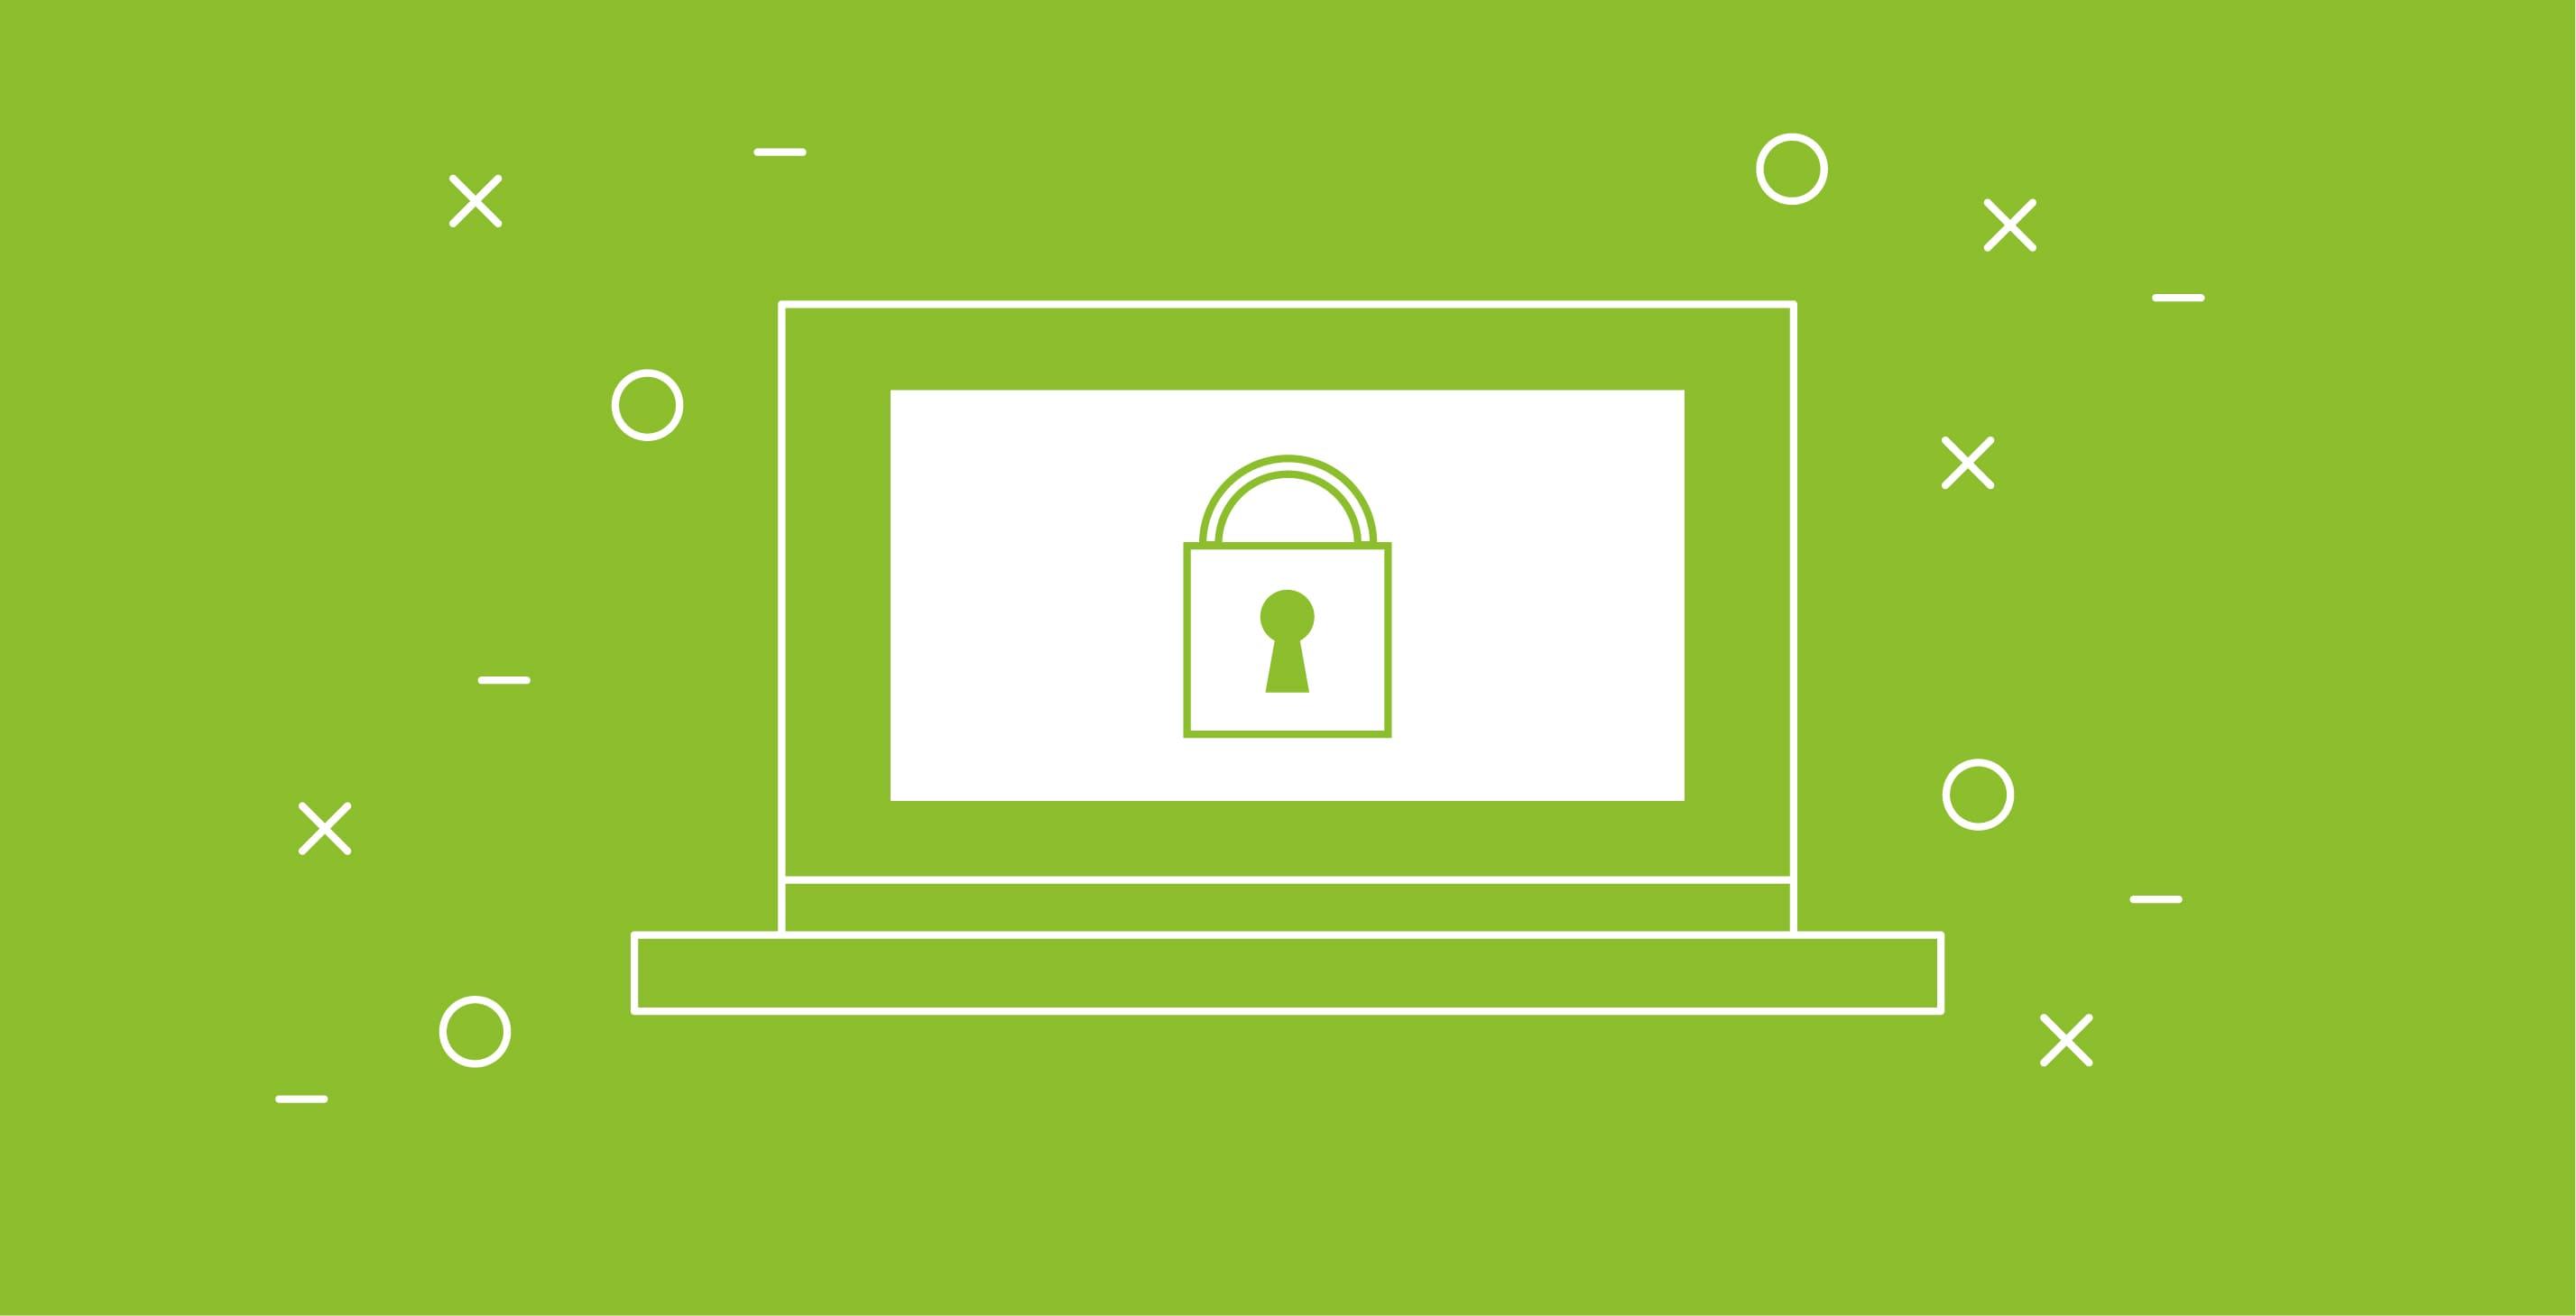 sicurezza informatica come software trend 2020